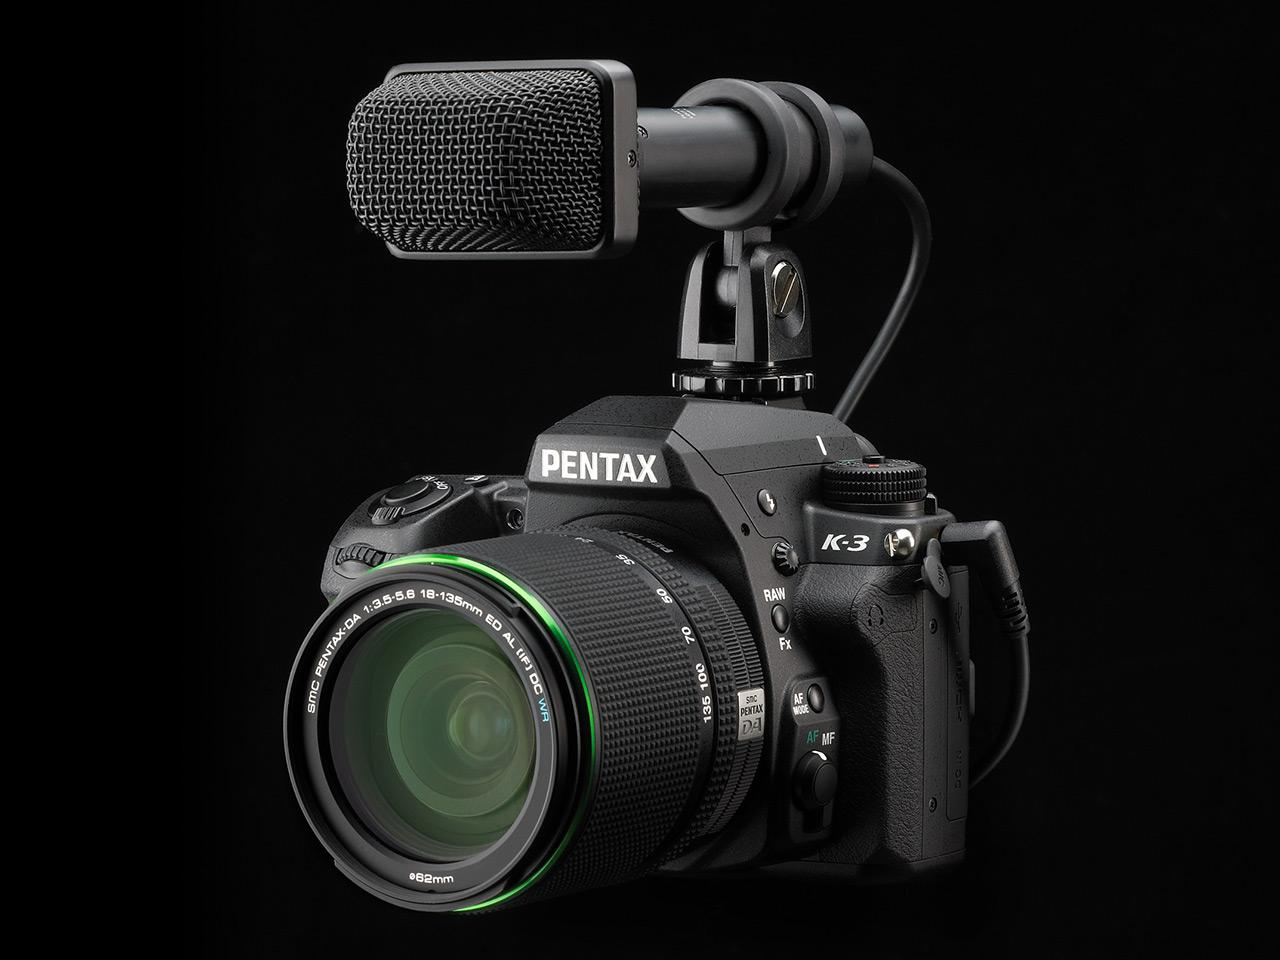 http://www.cameraegg.org/wp-content/uploads/2013/10/Pentax-K-3-dslr-1.jpg